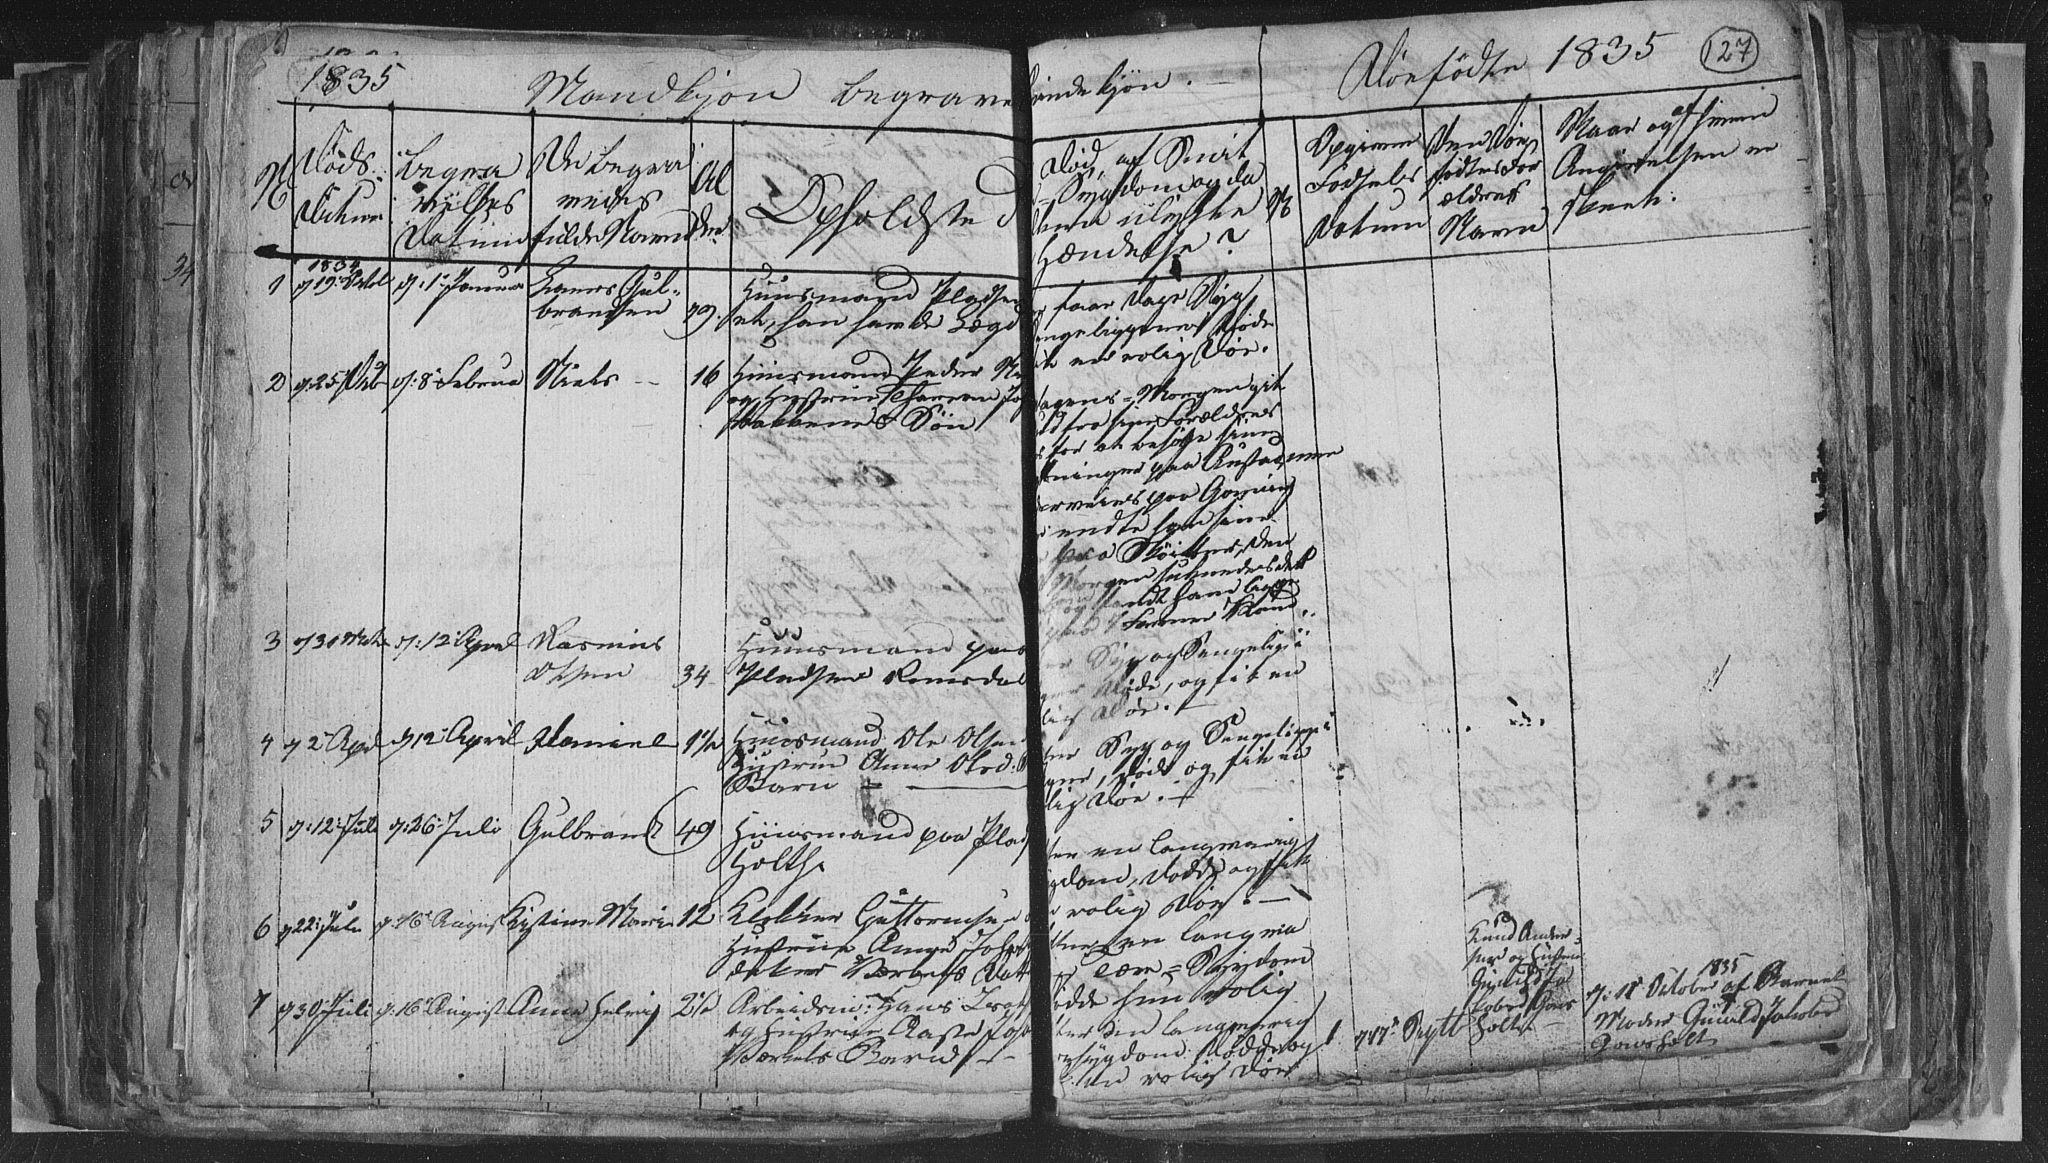 SAKO, Siljan kirkebøker, G/Ga/L0001: Klokkerbok nr. 1, 1827-1847, s. 127